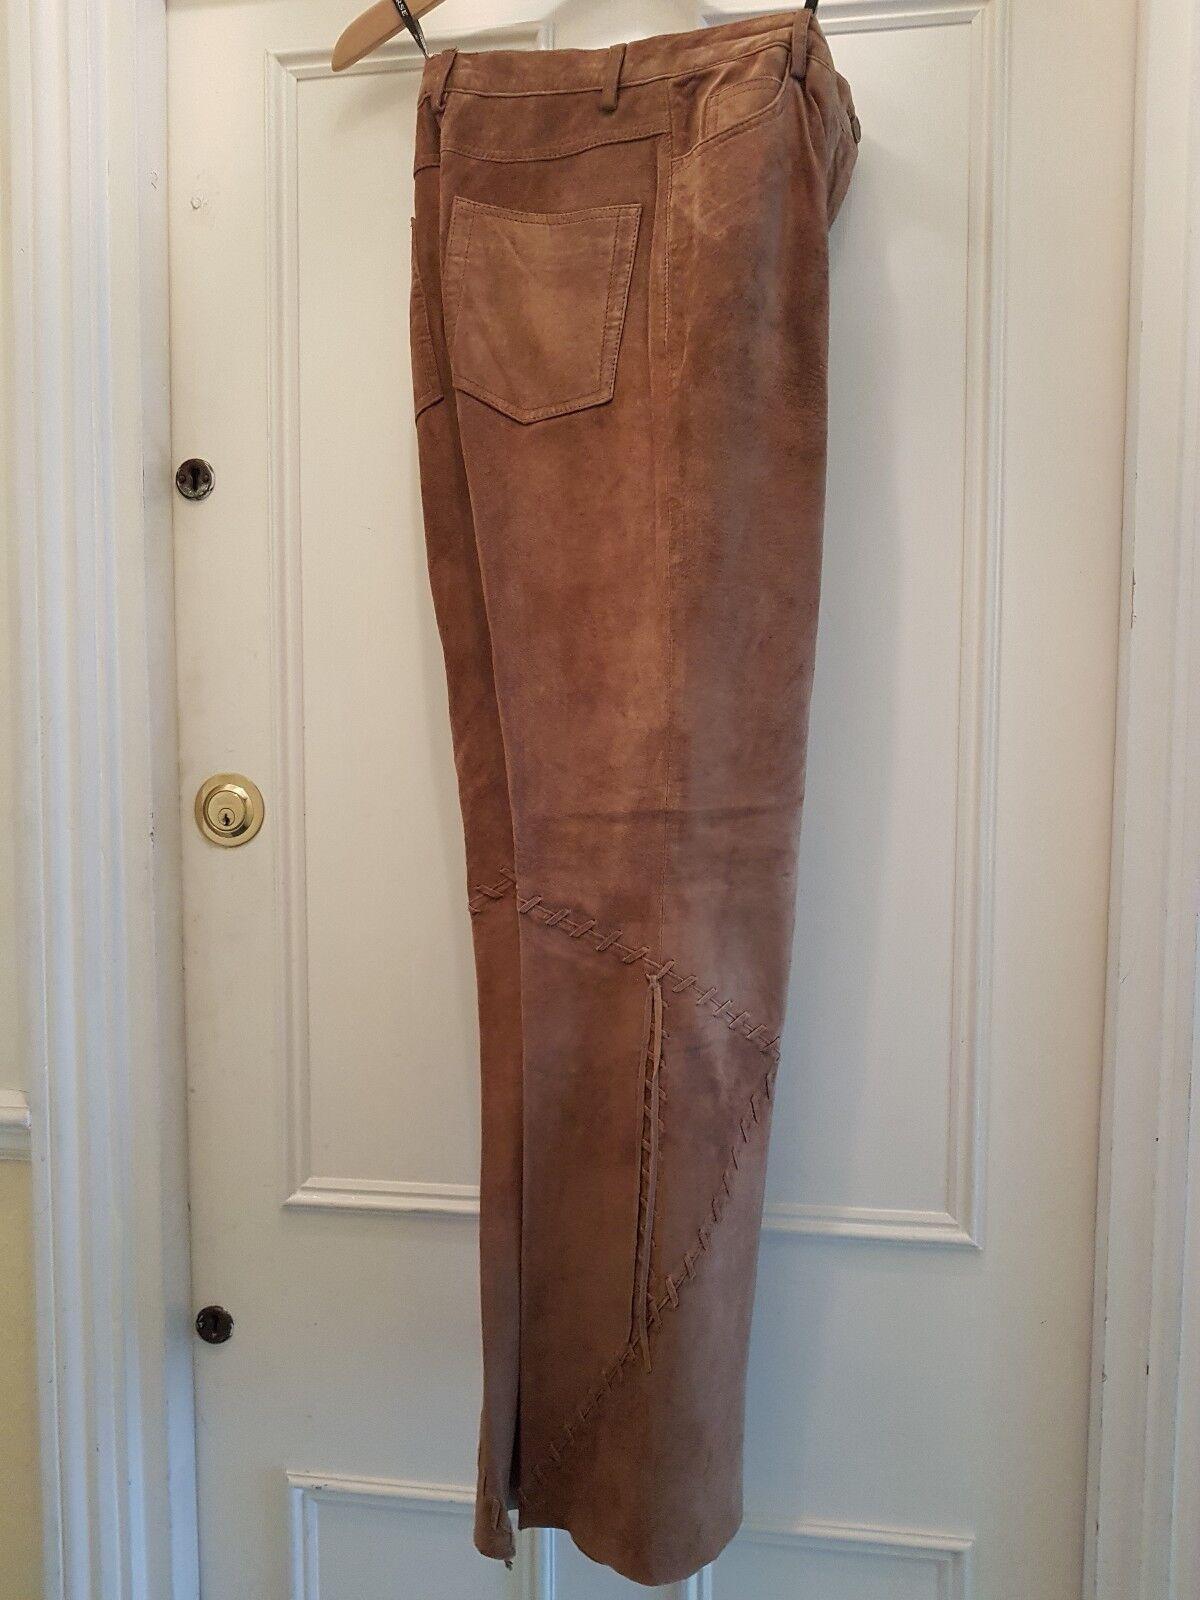 Tan-colore camoscio morbido Pelle di Agnello-Pantaloni Jeans Taglia 36